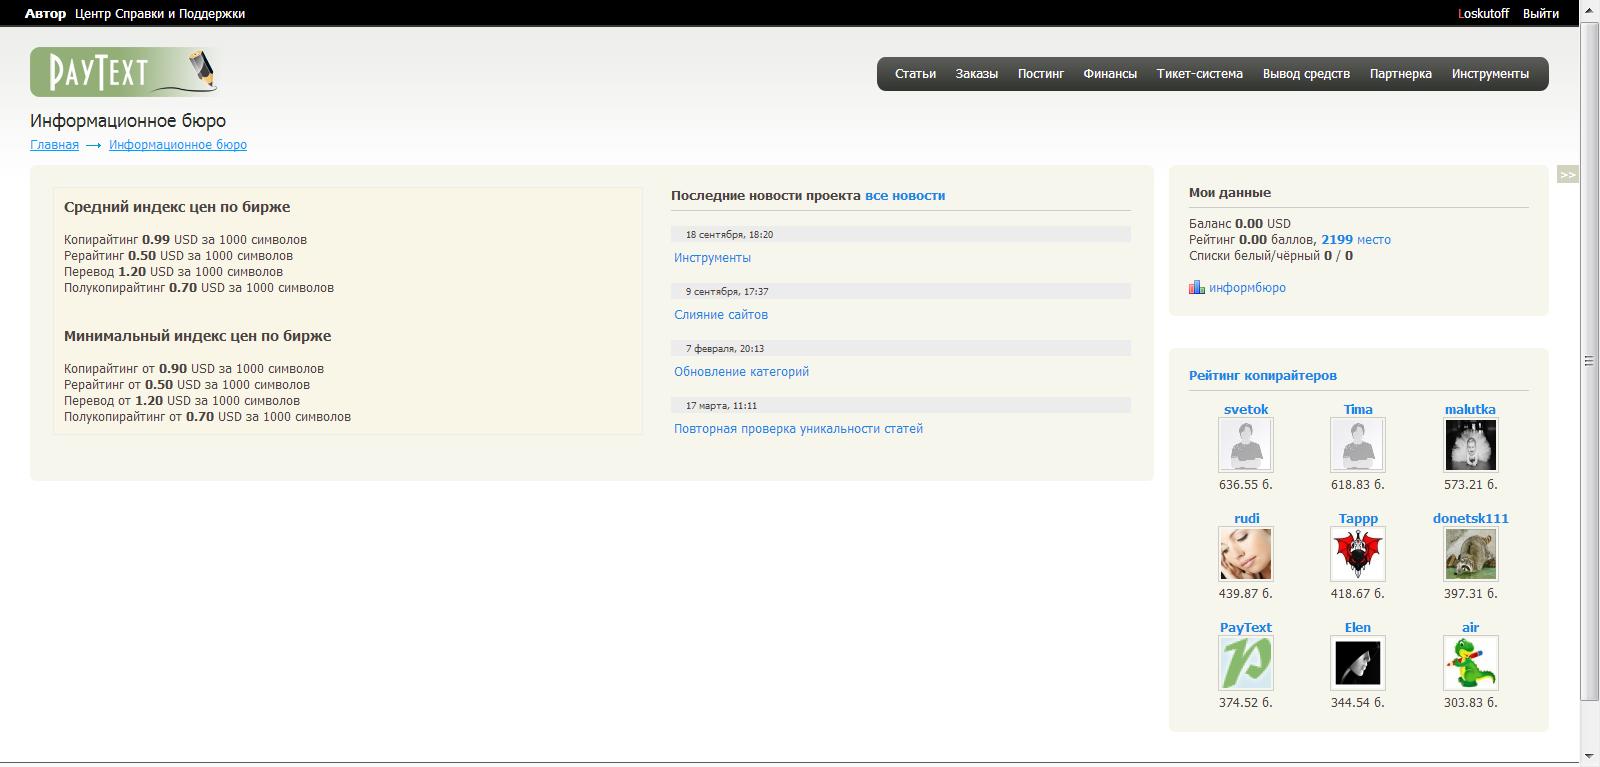 Вид главной страницы текстовой биржи PayText